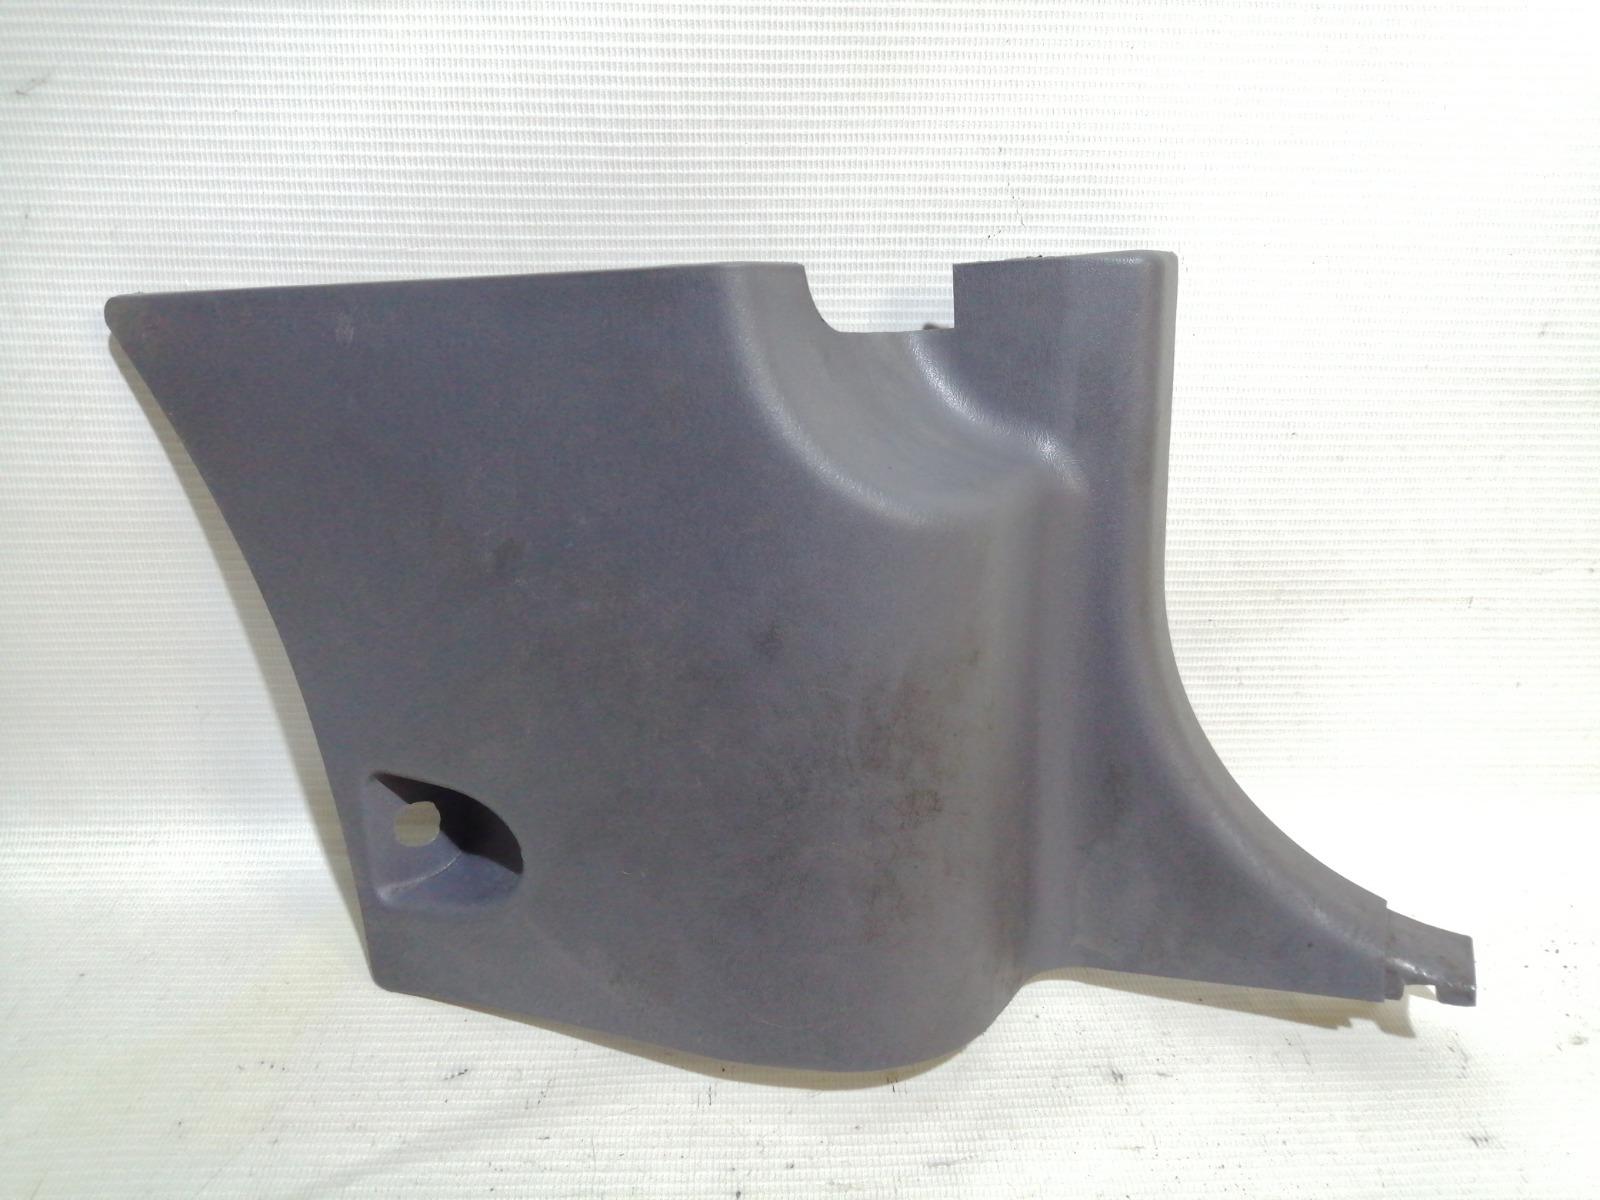 Обшивка, панель салона Nissan Pulsar FN15 GA15DE 1999 передний правый нижний